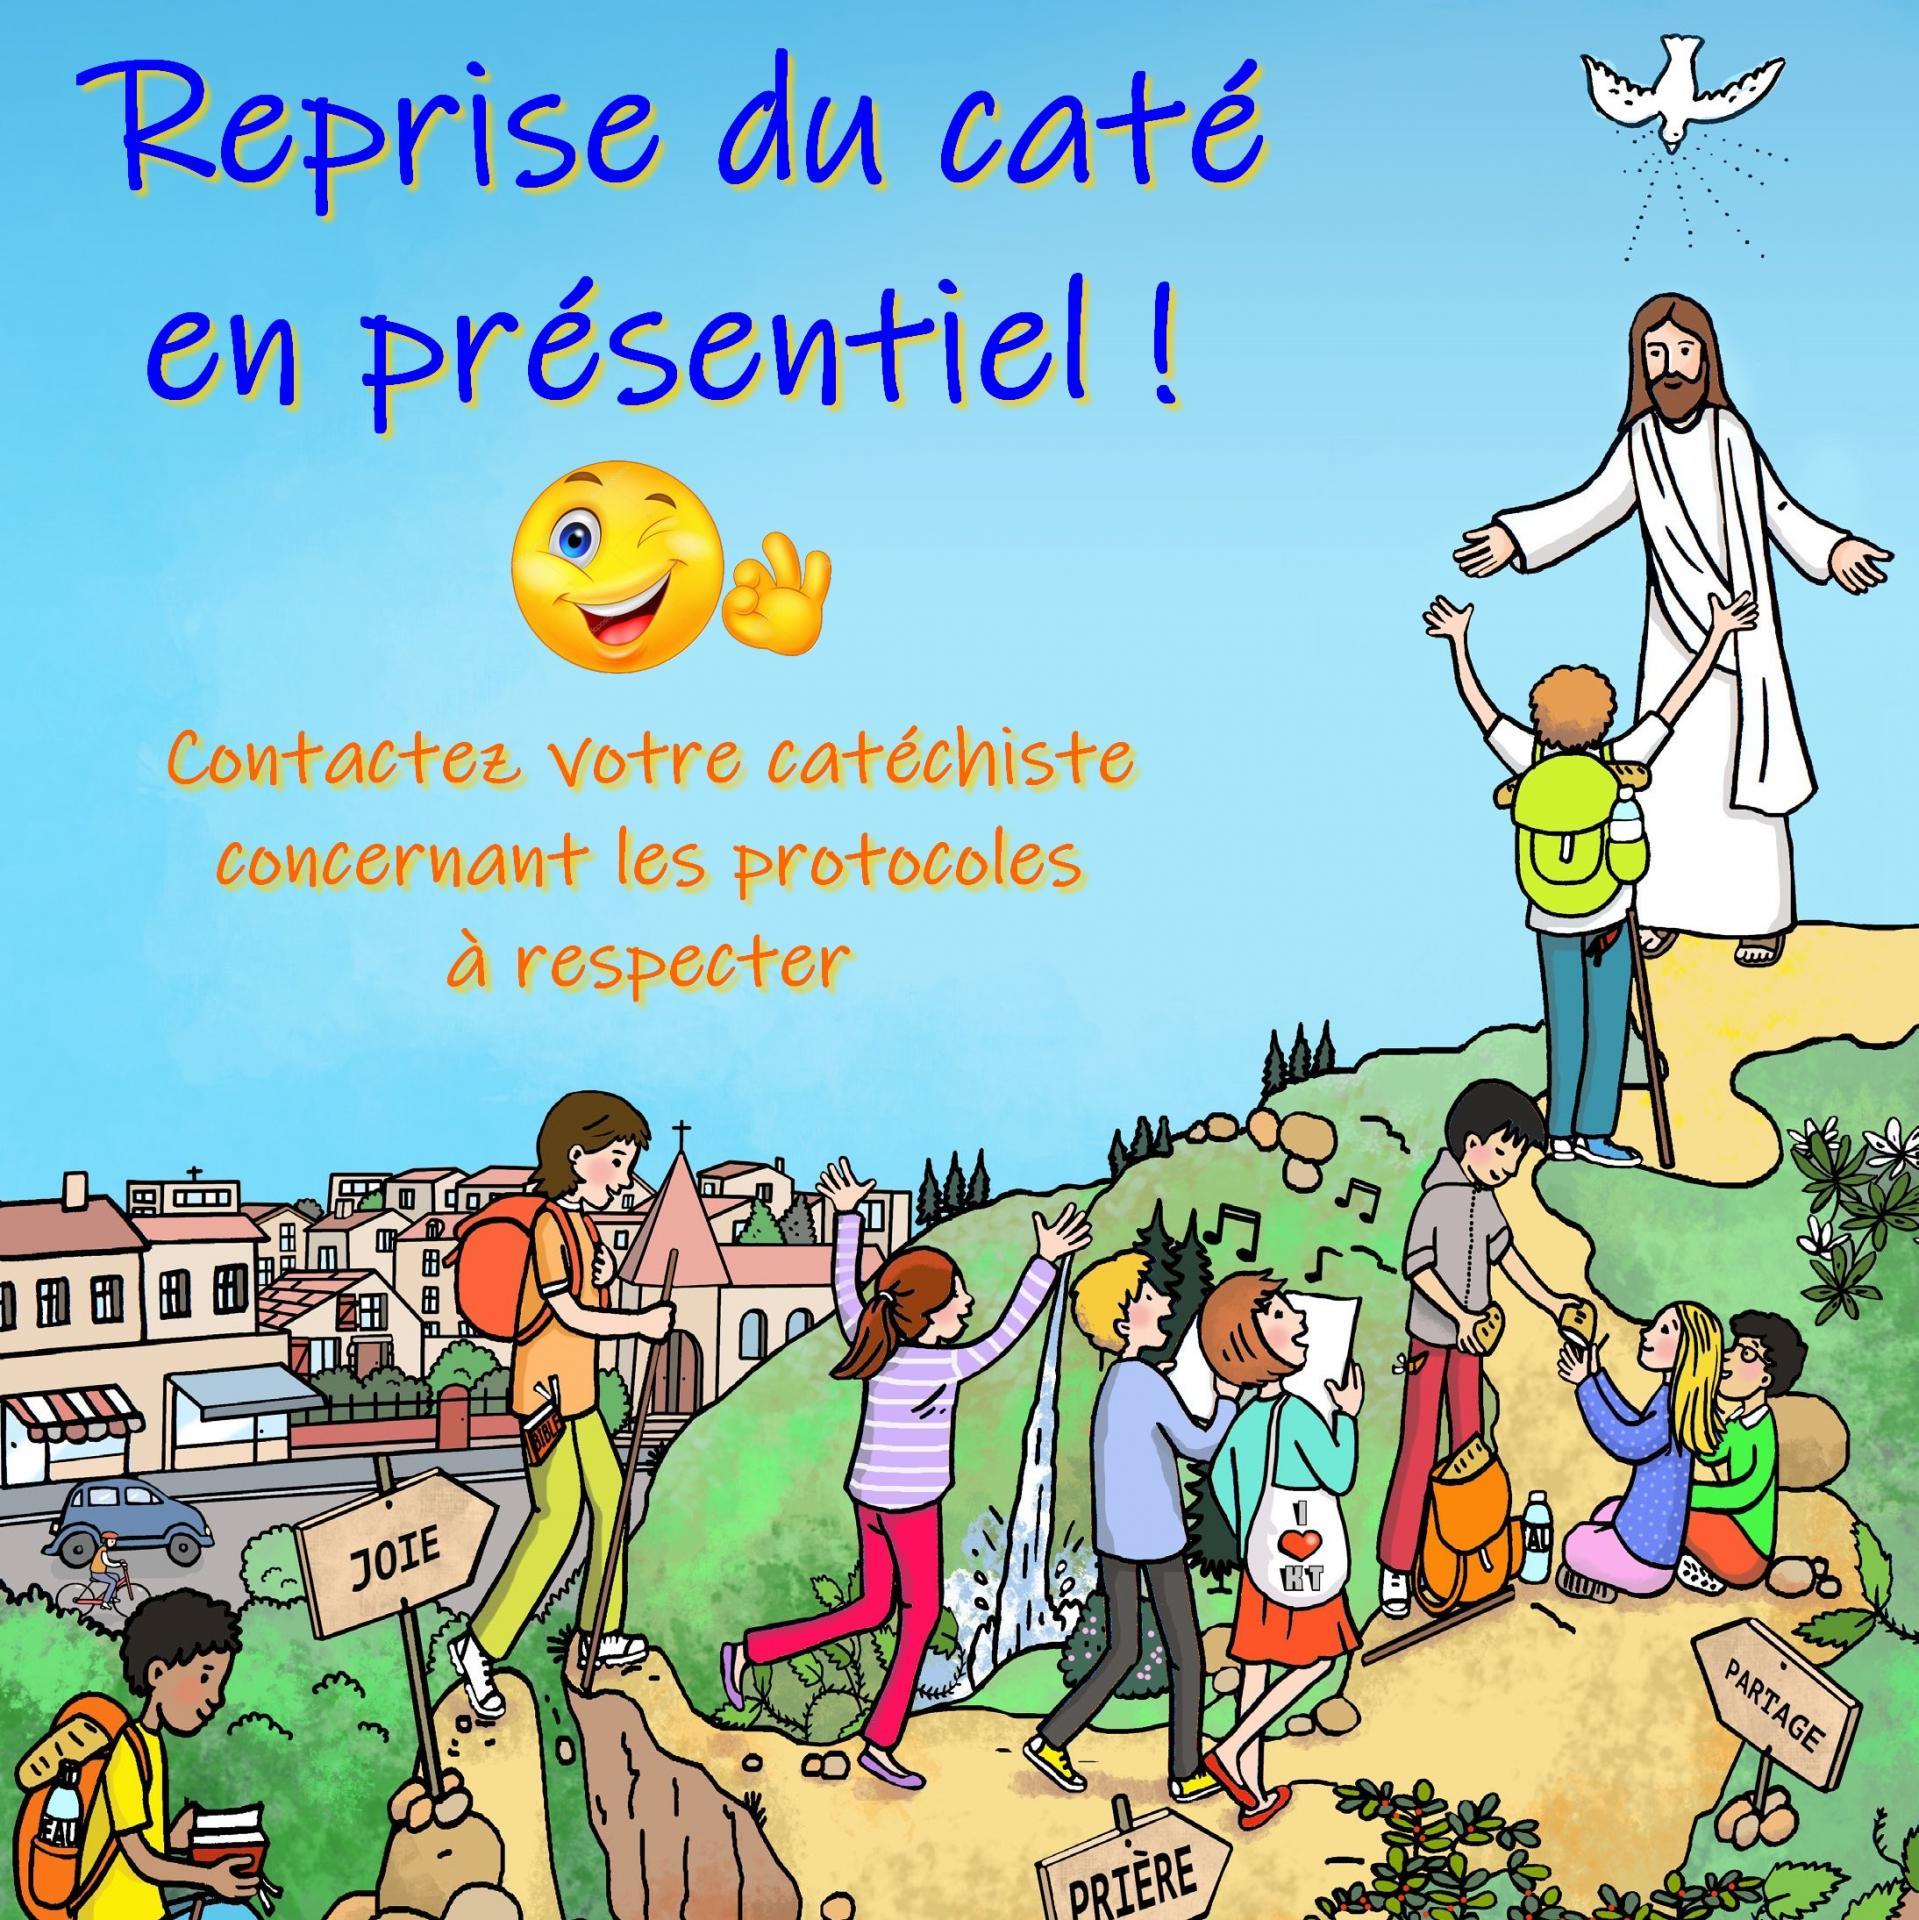 Catechisme parcours a